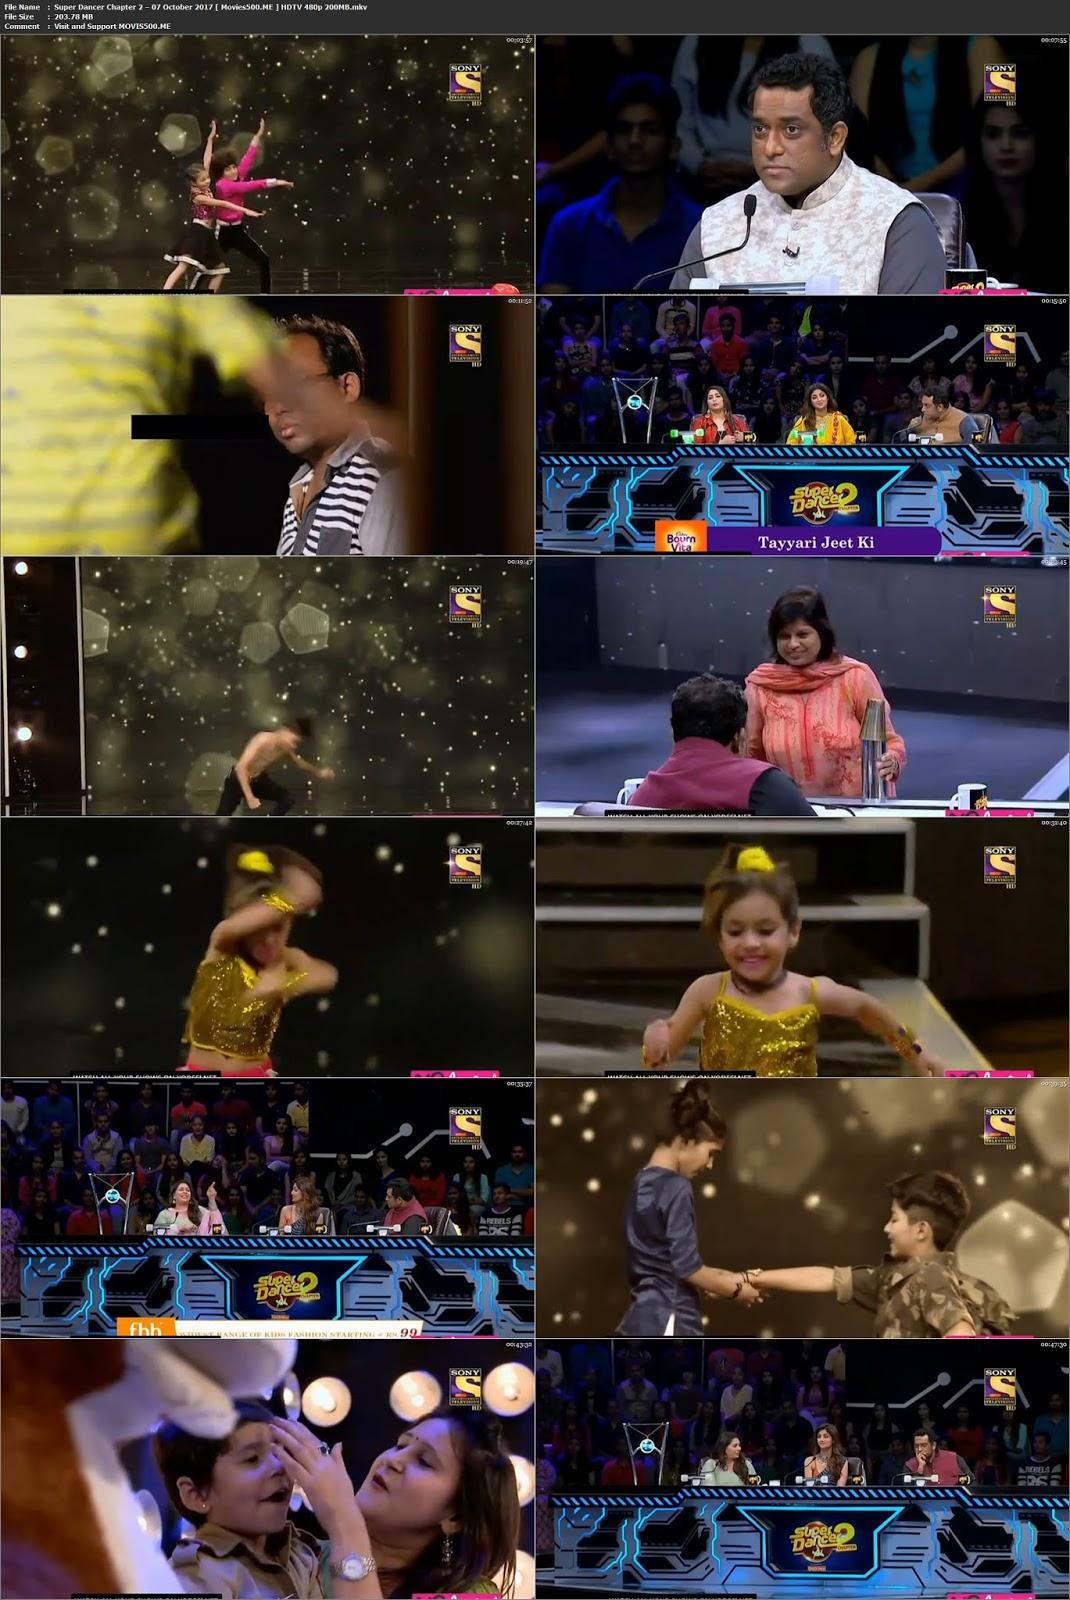 Super Dancer Chapter 2 2017 07 October HDTV 480p 200MB at freedomcopy.com